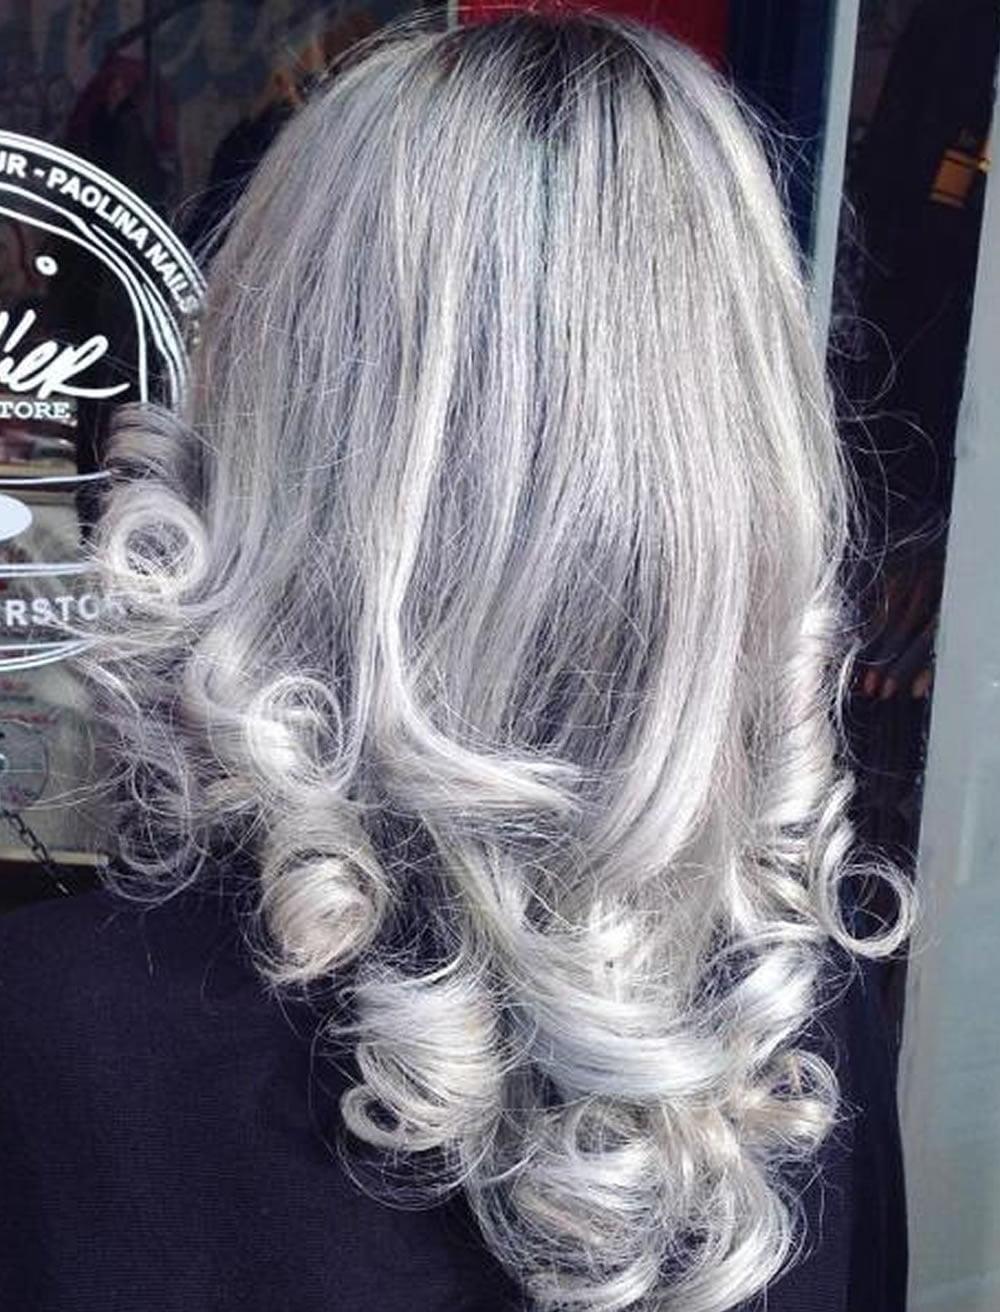 gray hair style ideas